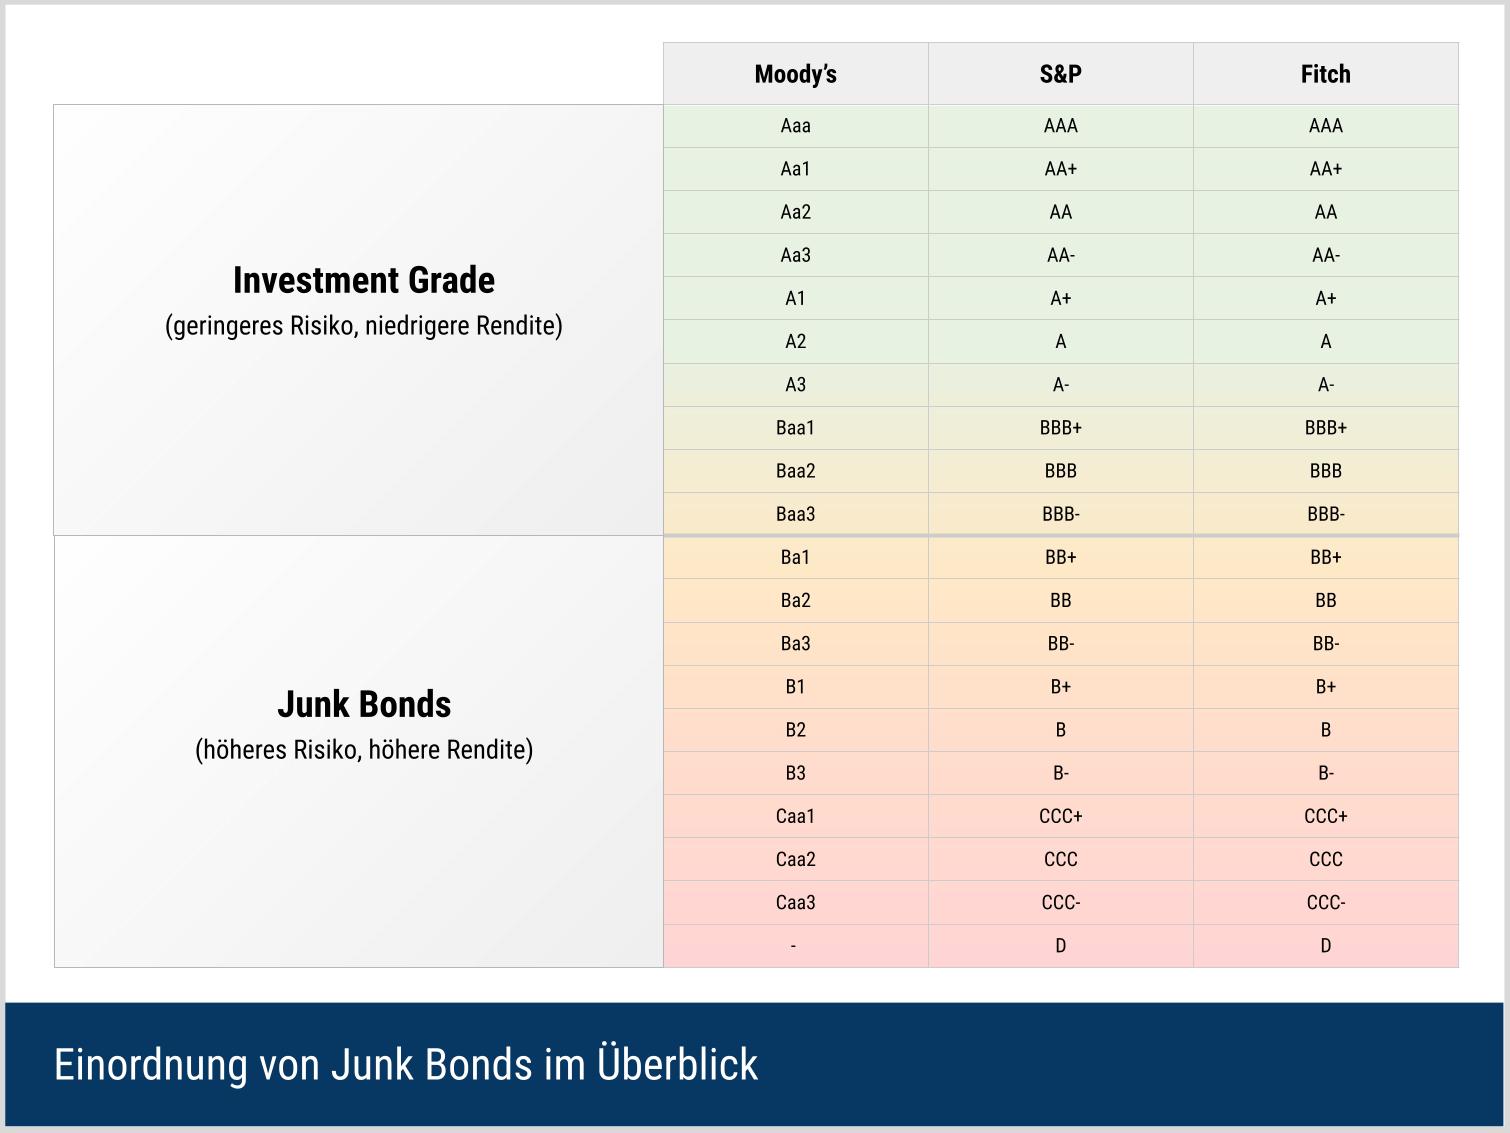 Einordnung von Junk Bonds in den bekantesten Ratingklassen